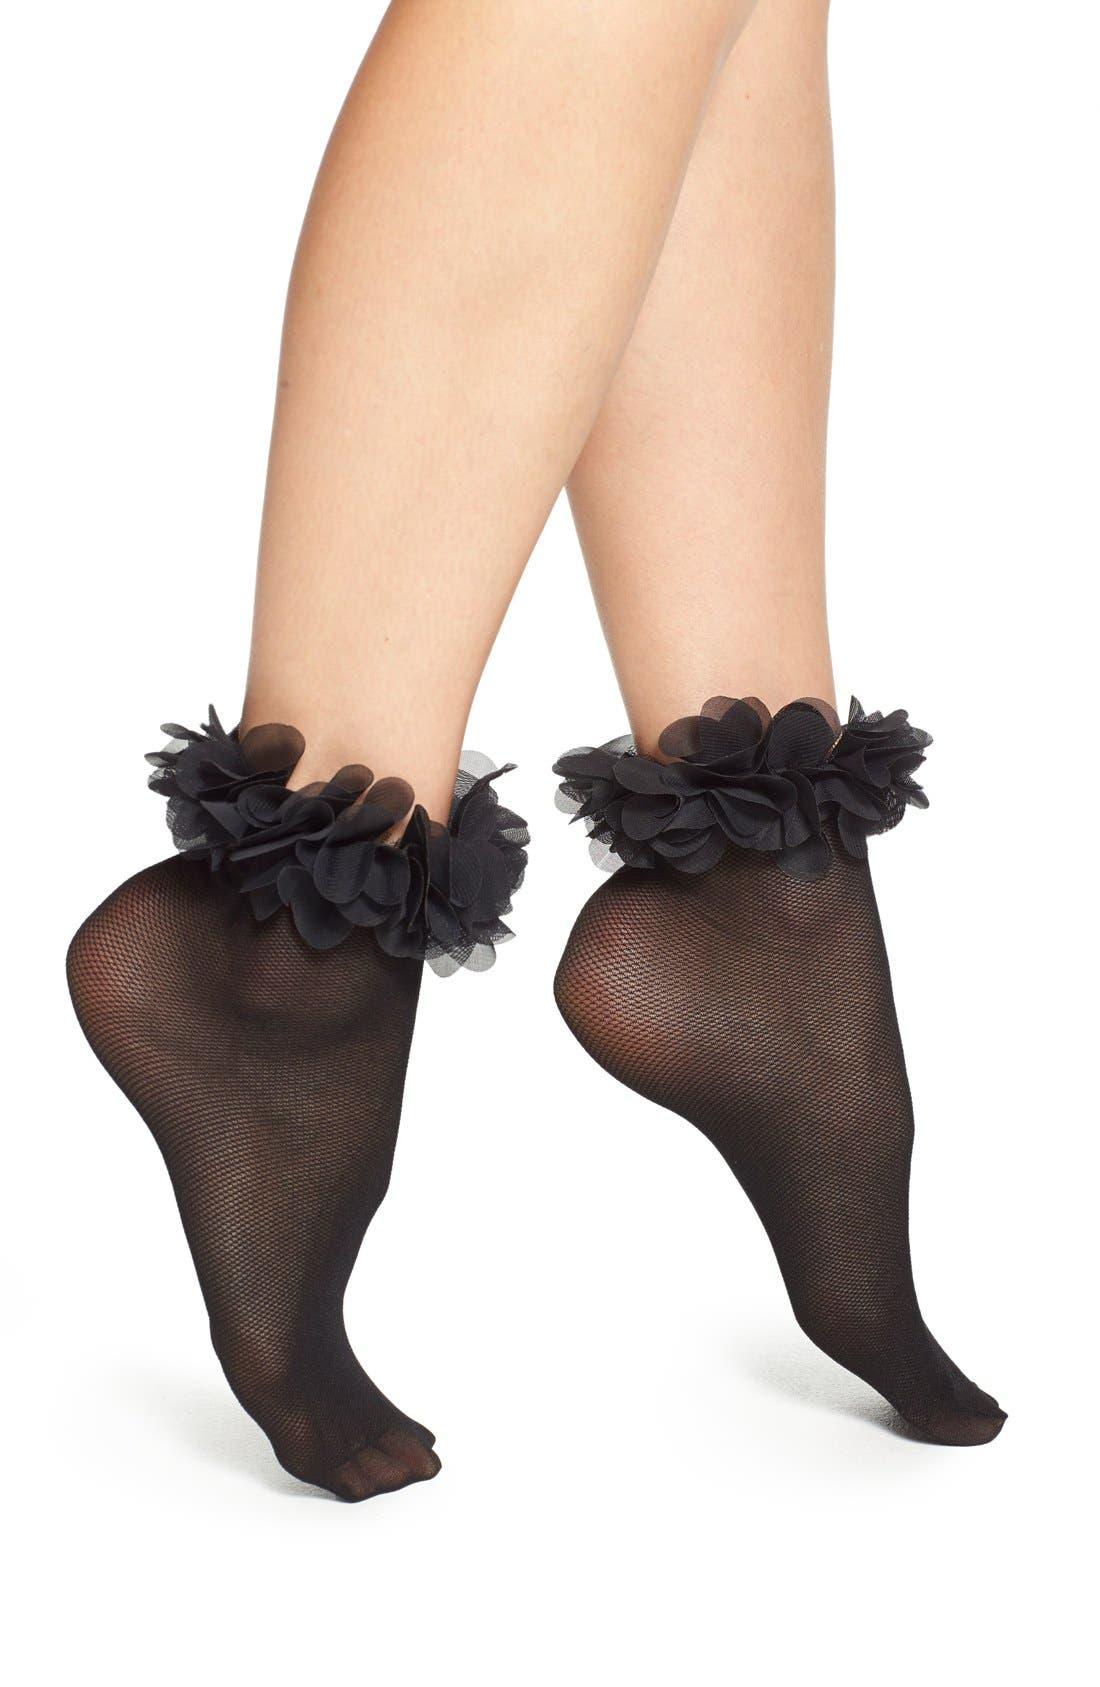 Main Image - Nordstrom 'Petal' Anklet Socks